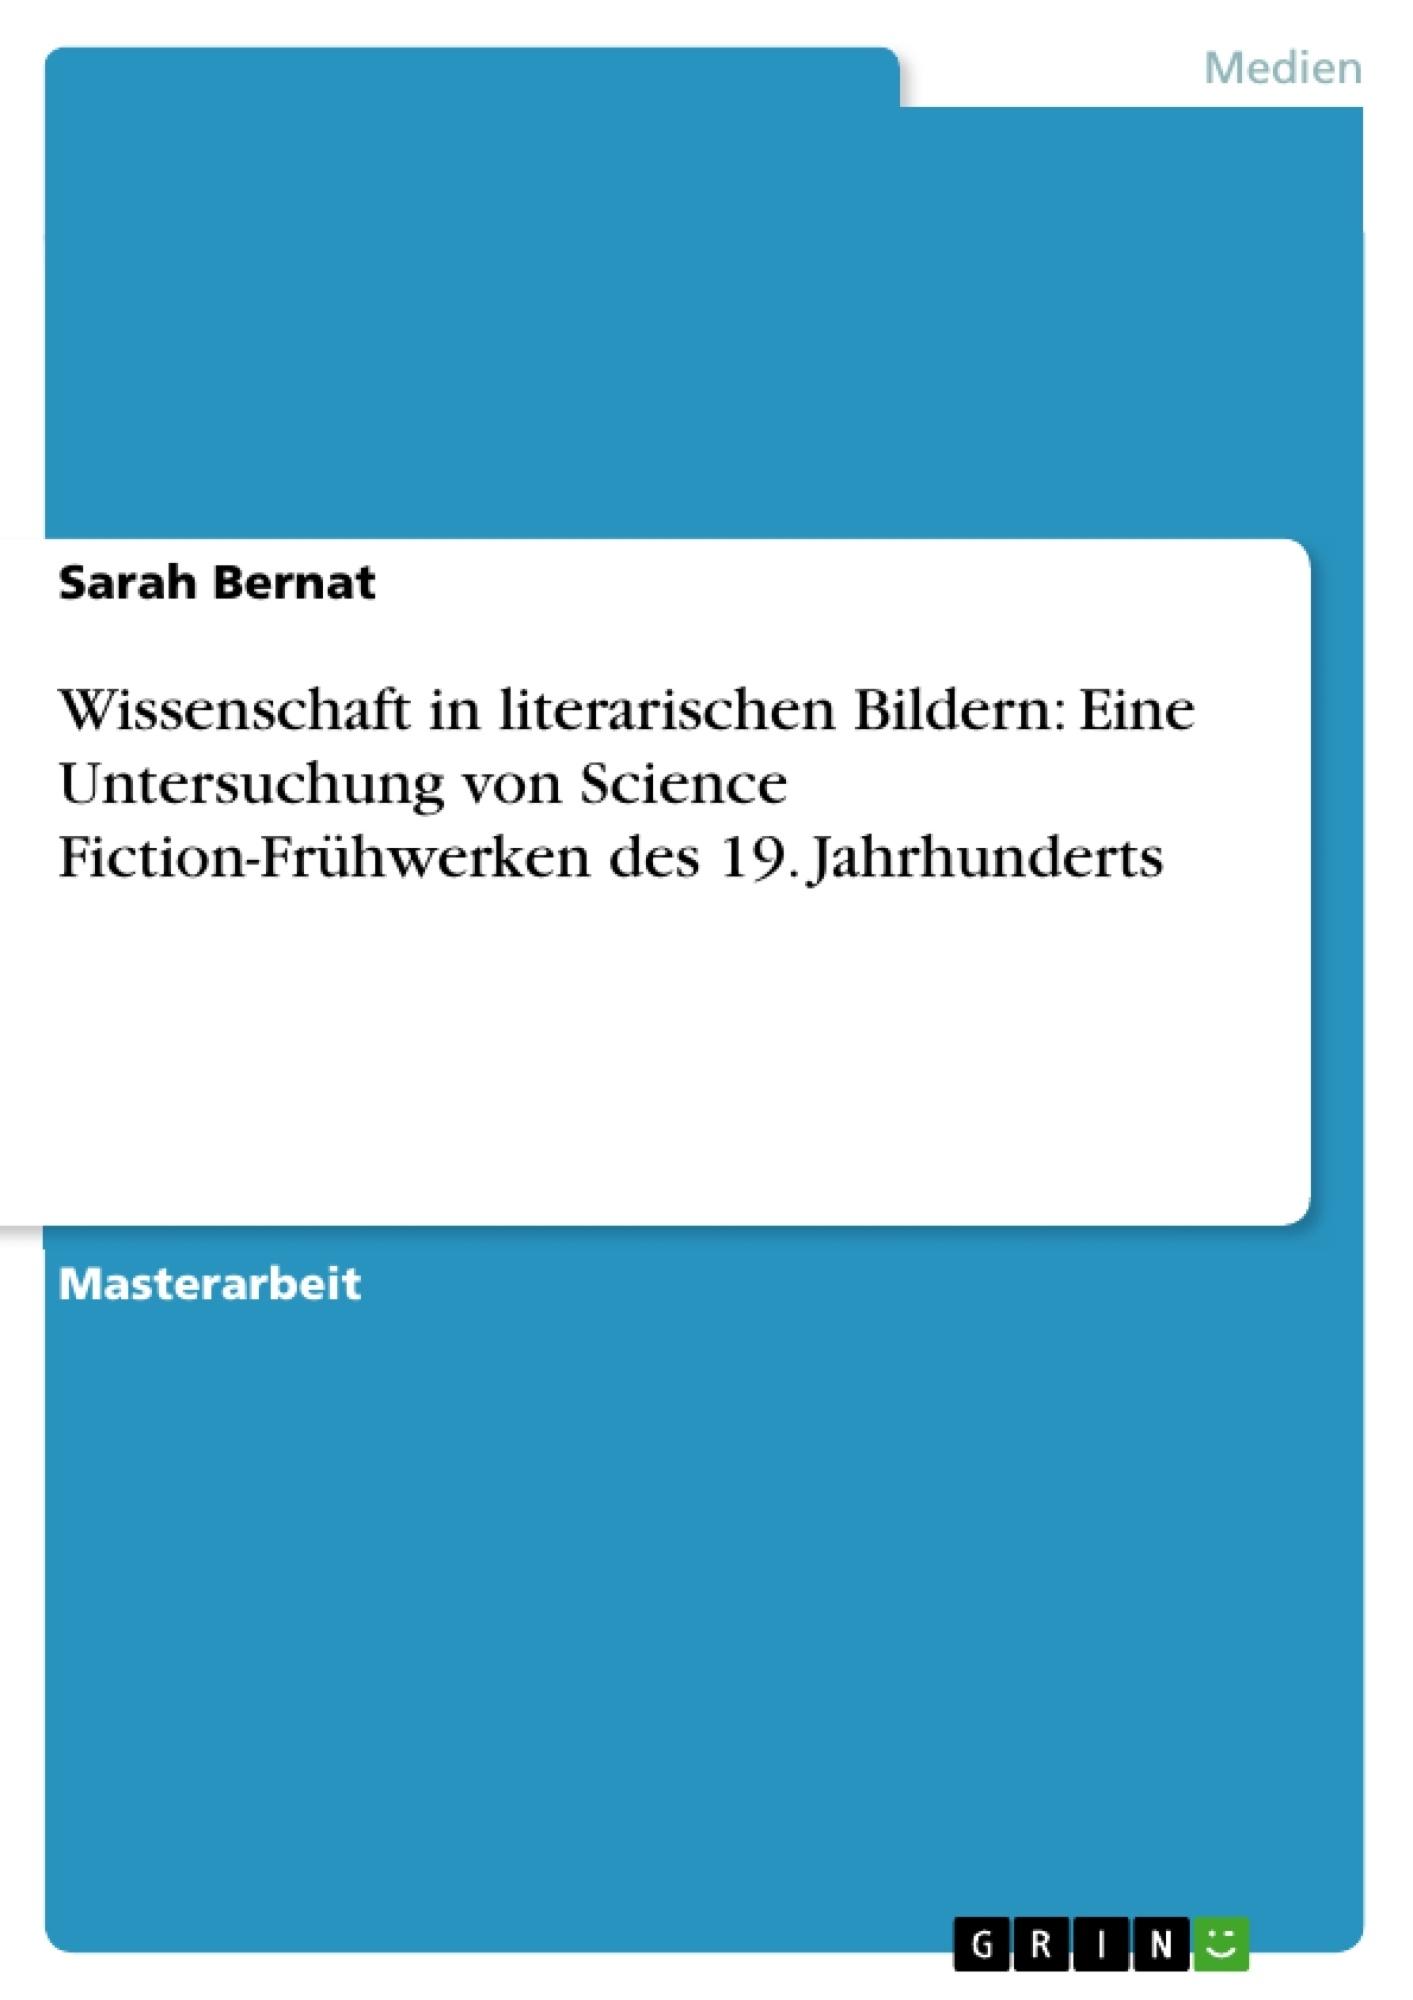 Titel: Wissenschaft in literarischen Bildern: Eine Untersuchung von Science Fiction-Frühwerken des 19. Jahrhunderts